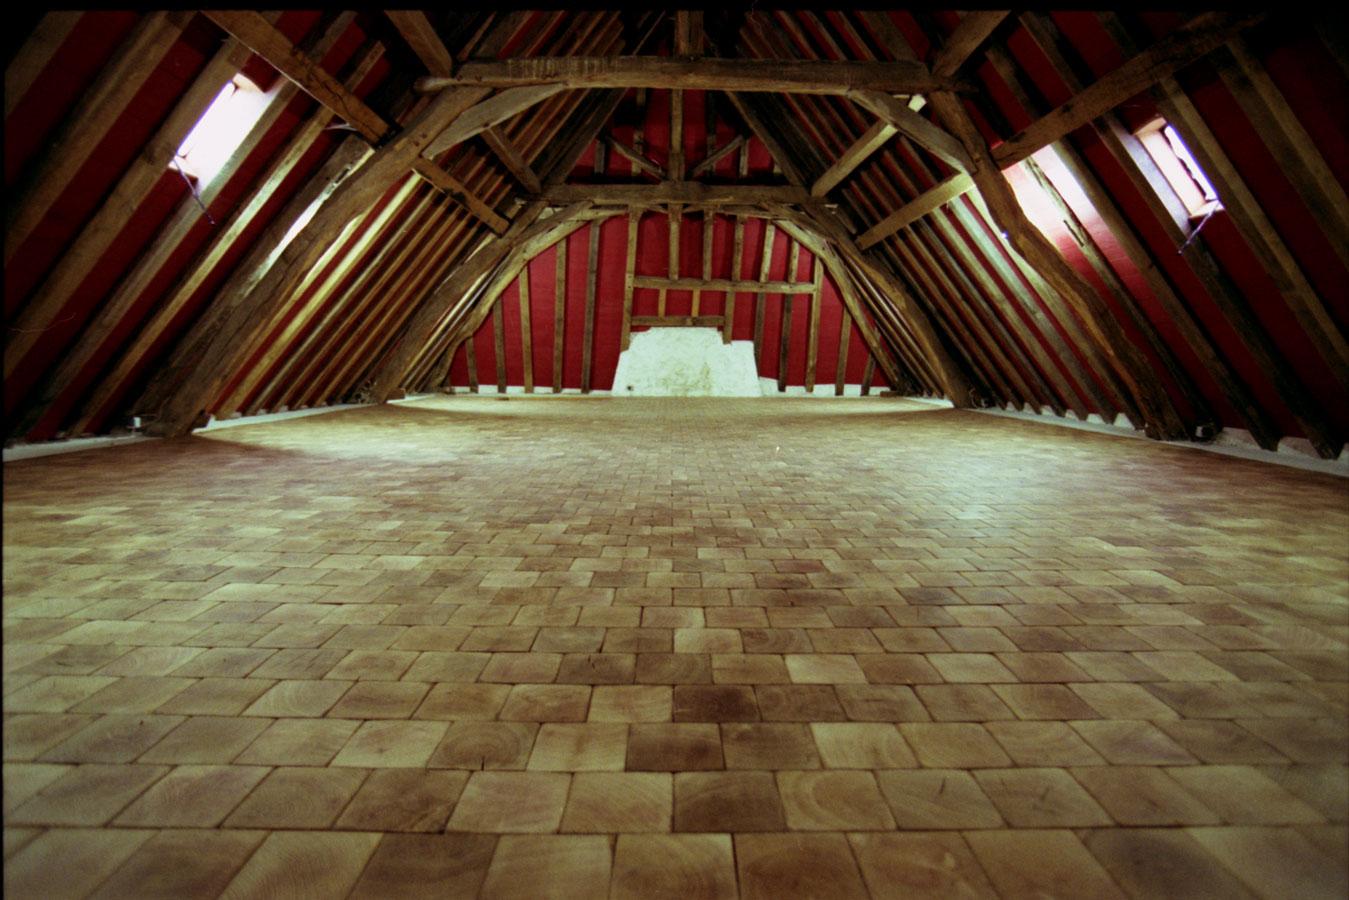 vue g n rale du parquet ch ne en bois debout parquet pavage en bois debout dans une grande. Black Bedroom Furniture Sets. Home Design Ideas